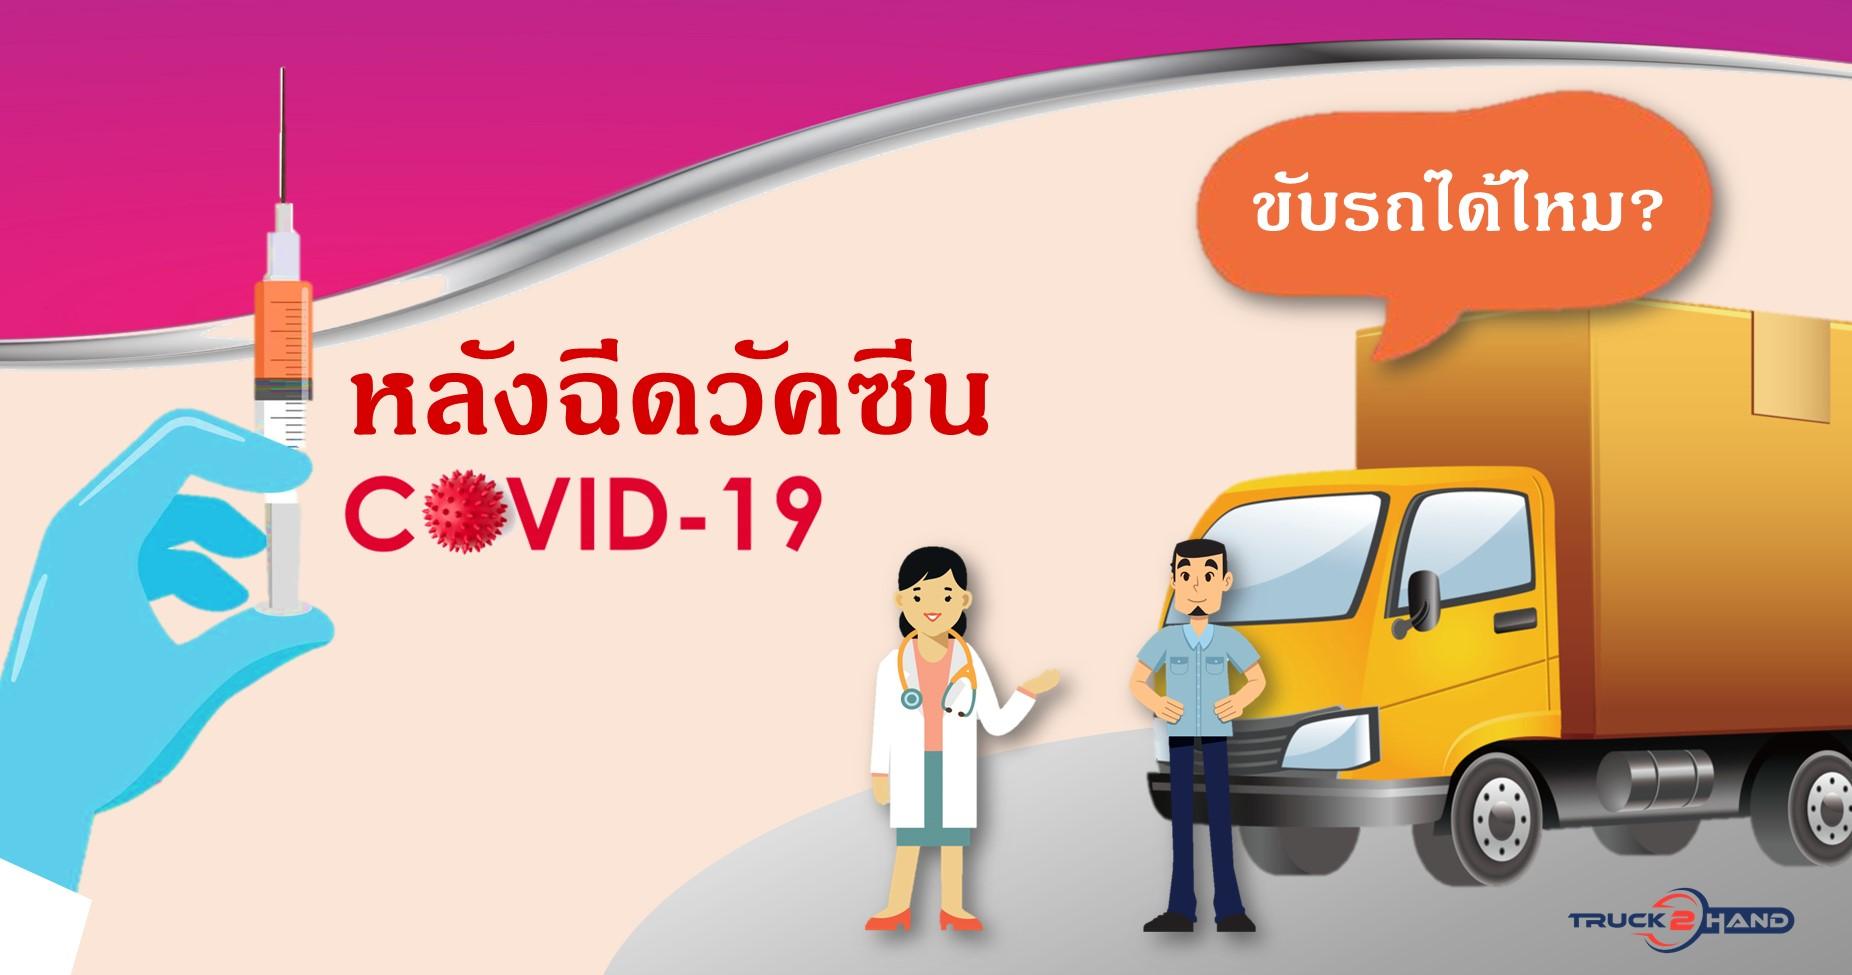 ขับรถหลังฉีดวัคซีนโควิด ได้ไหม?